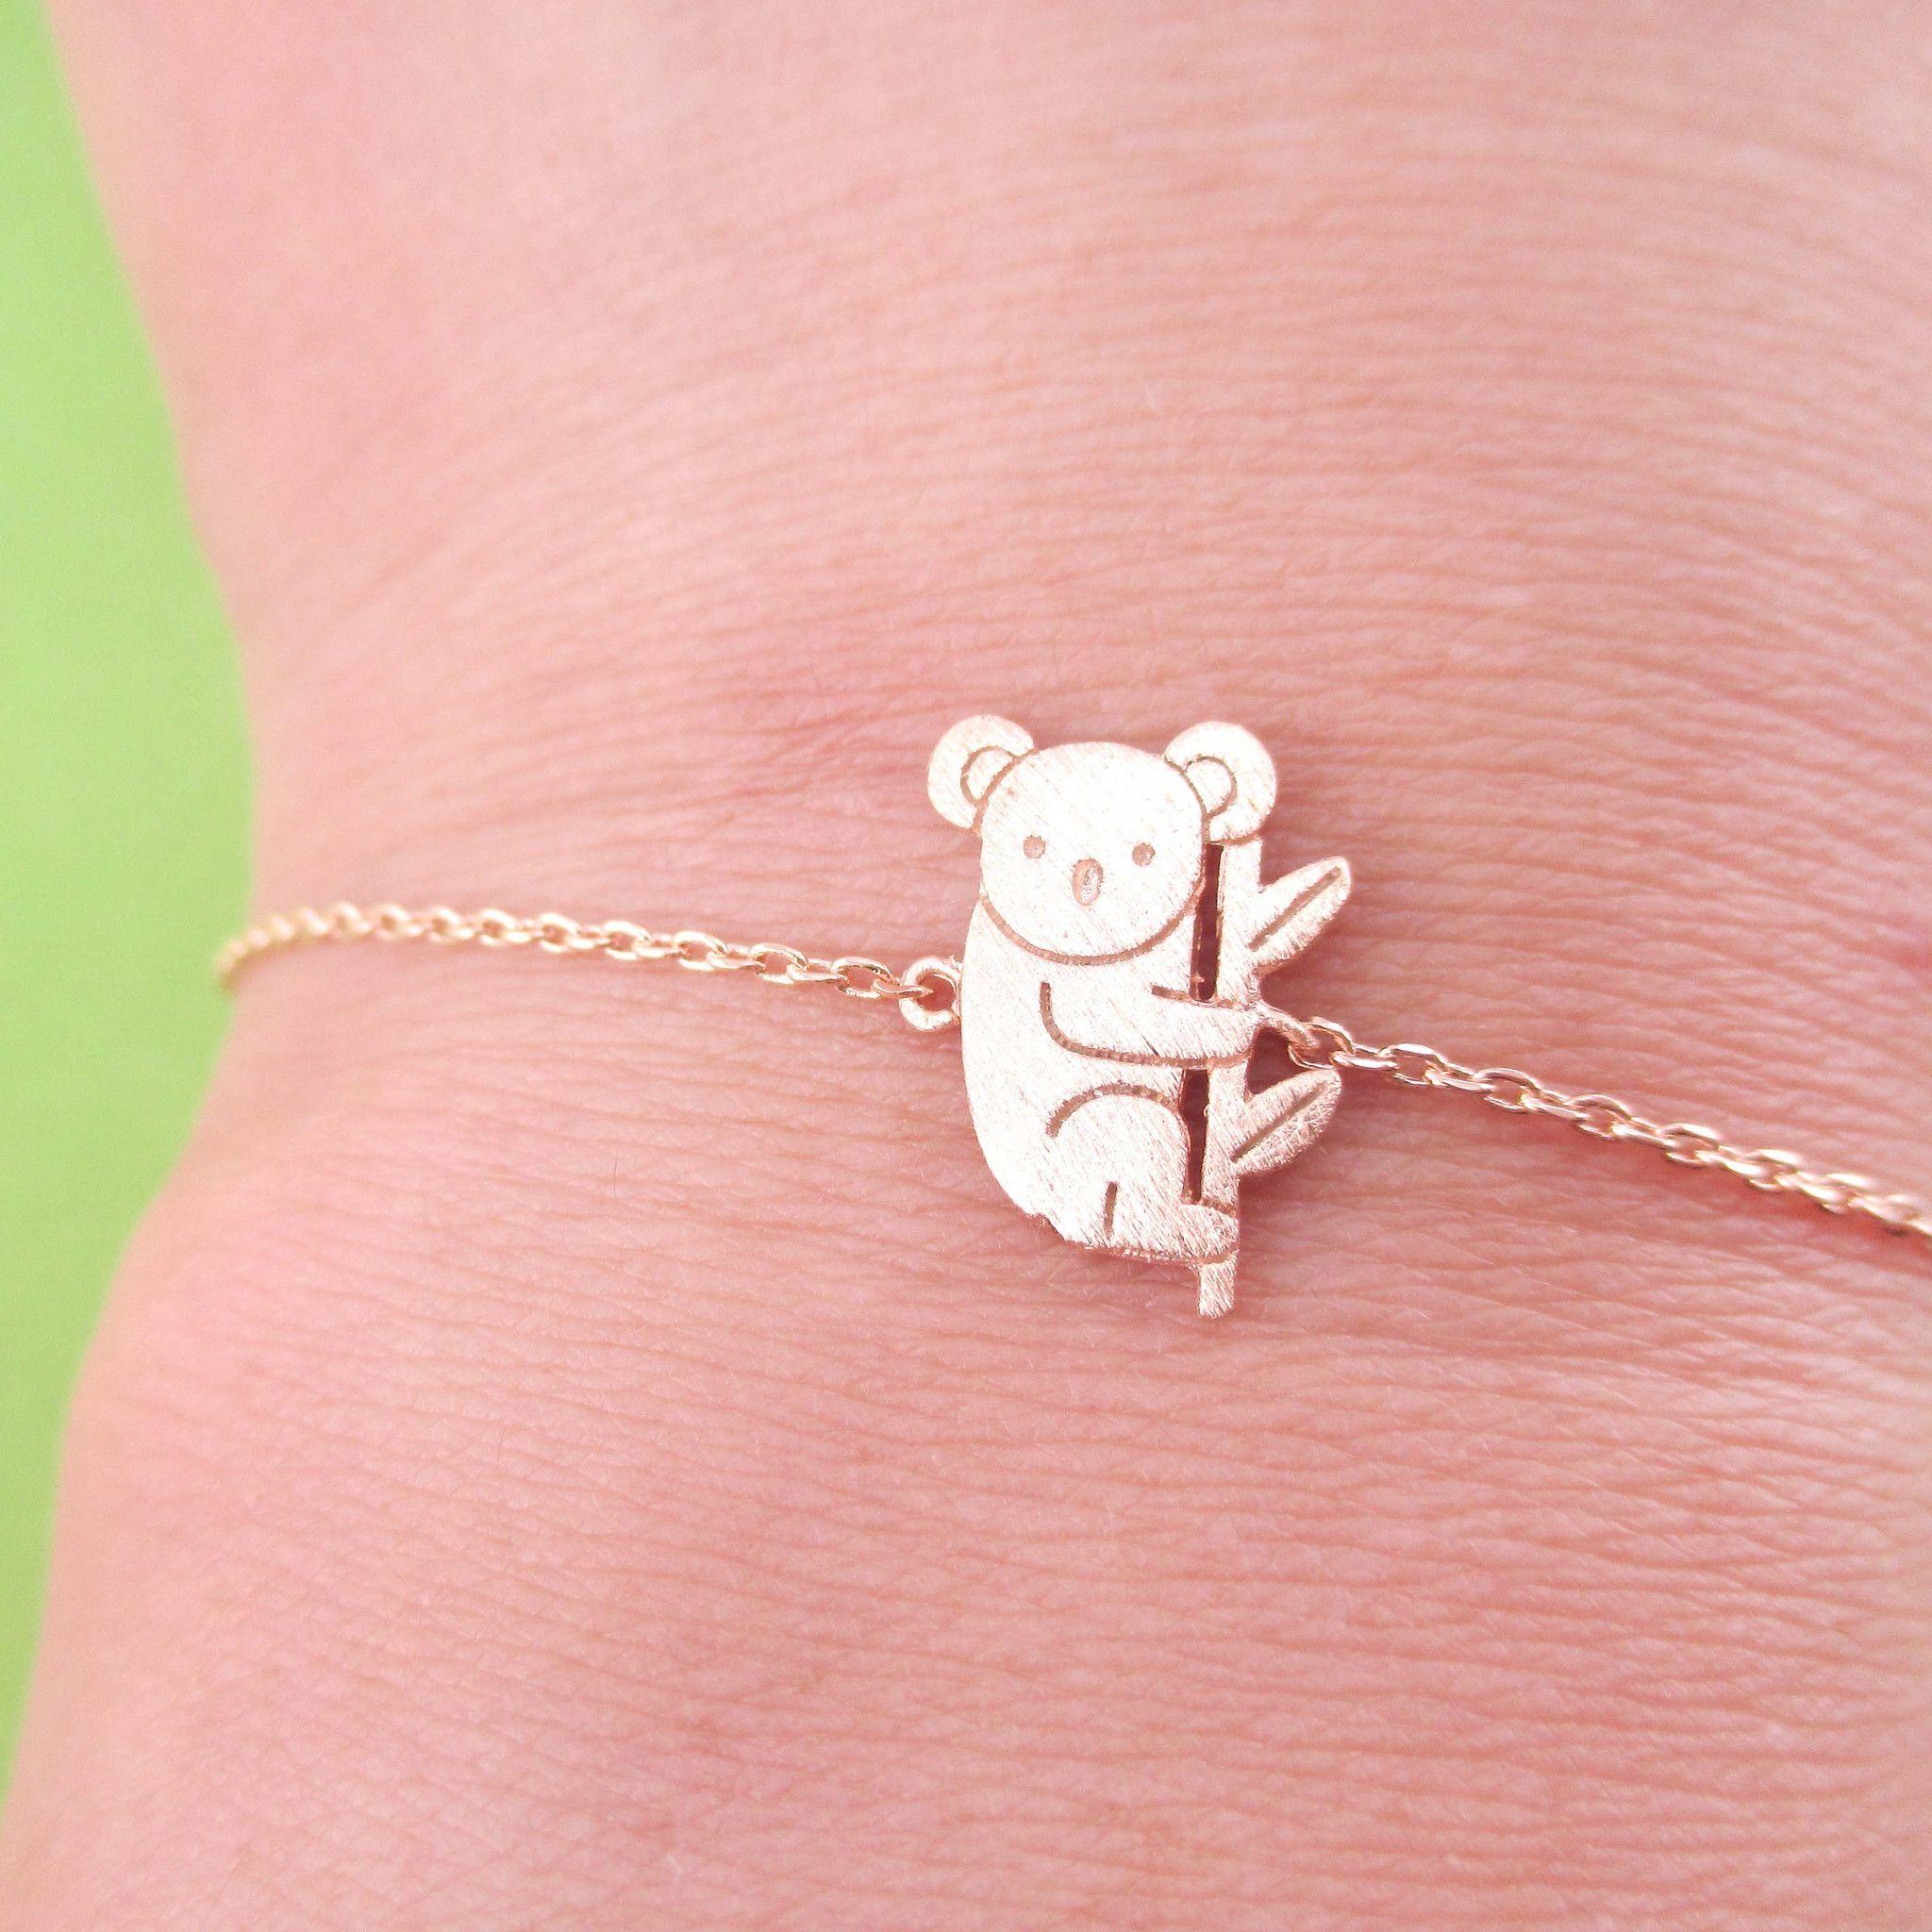 Adorable Koala Bear Shaped Silhouette Charm Bracelet in Rose Gold